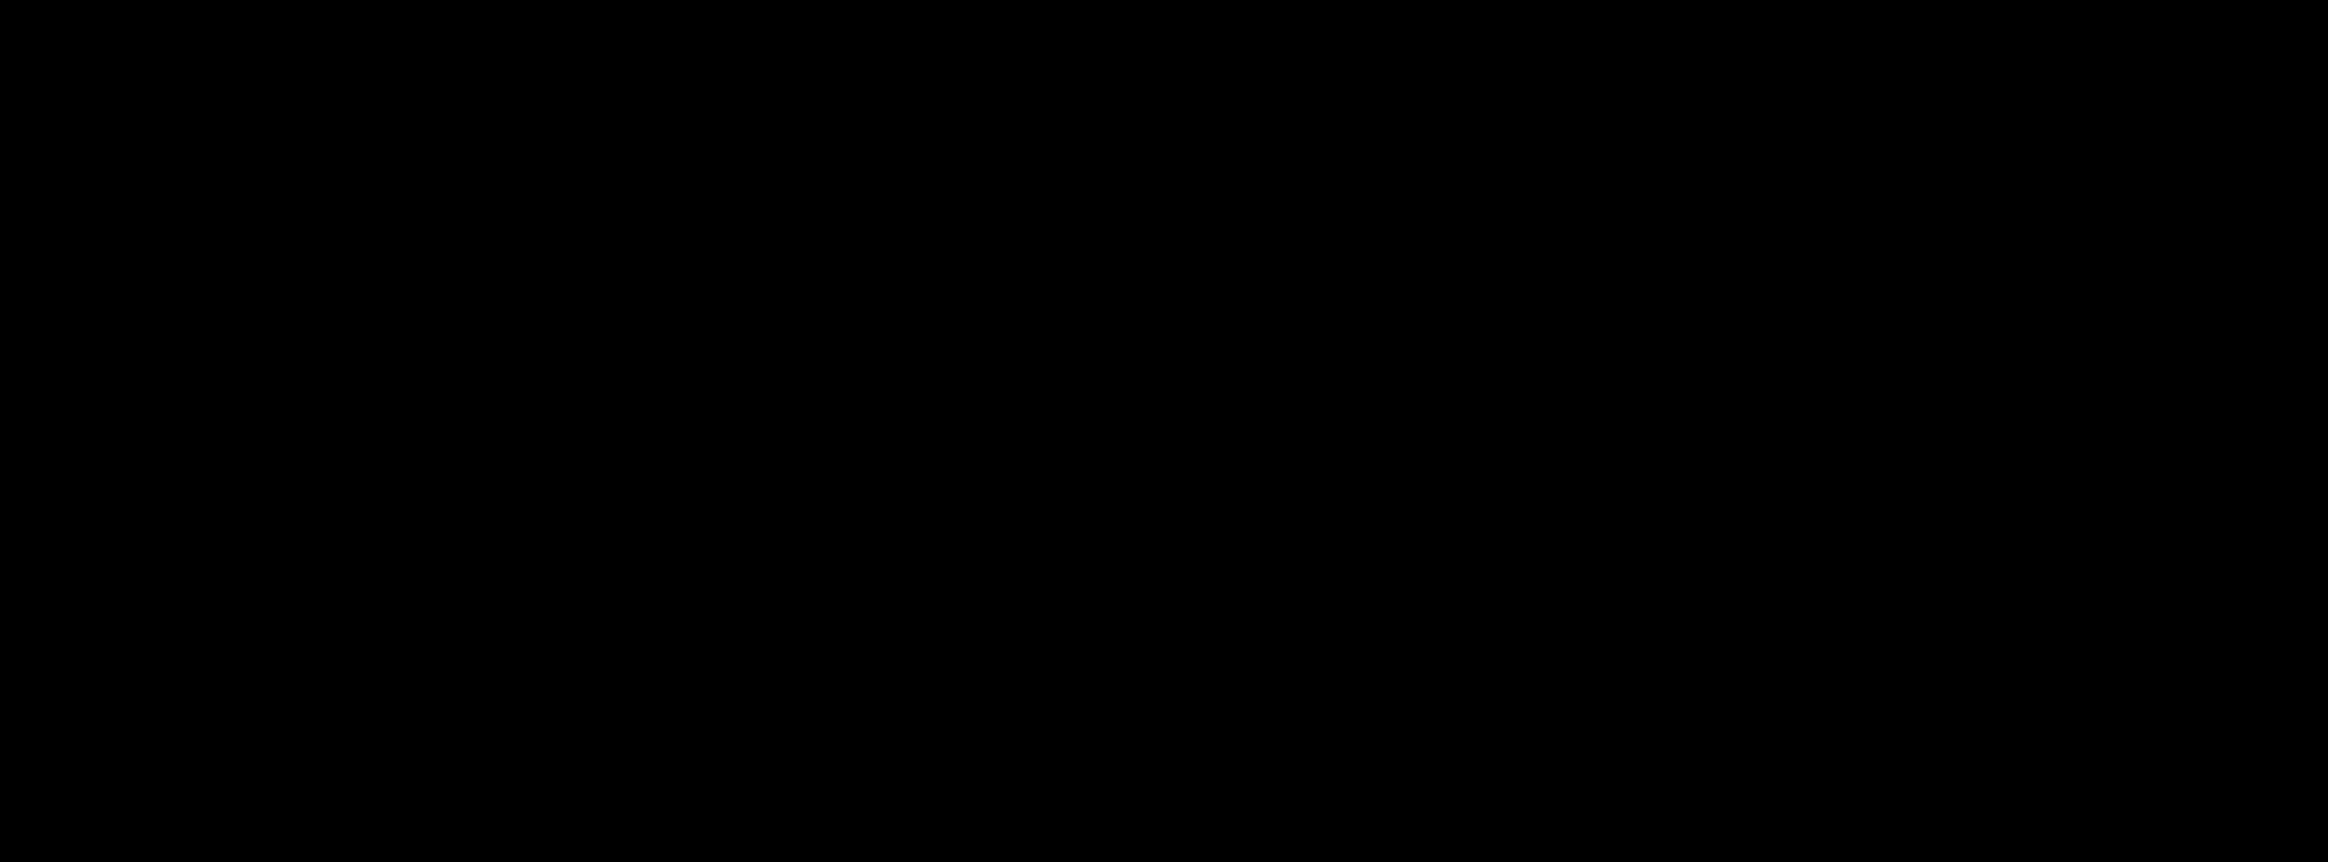 Capsorubin